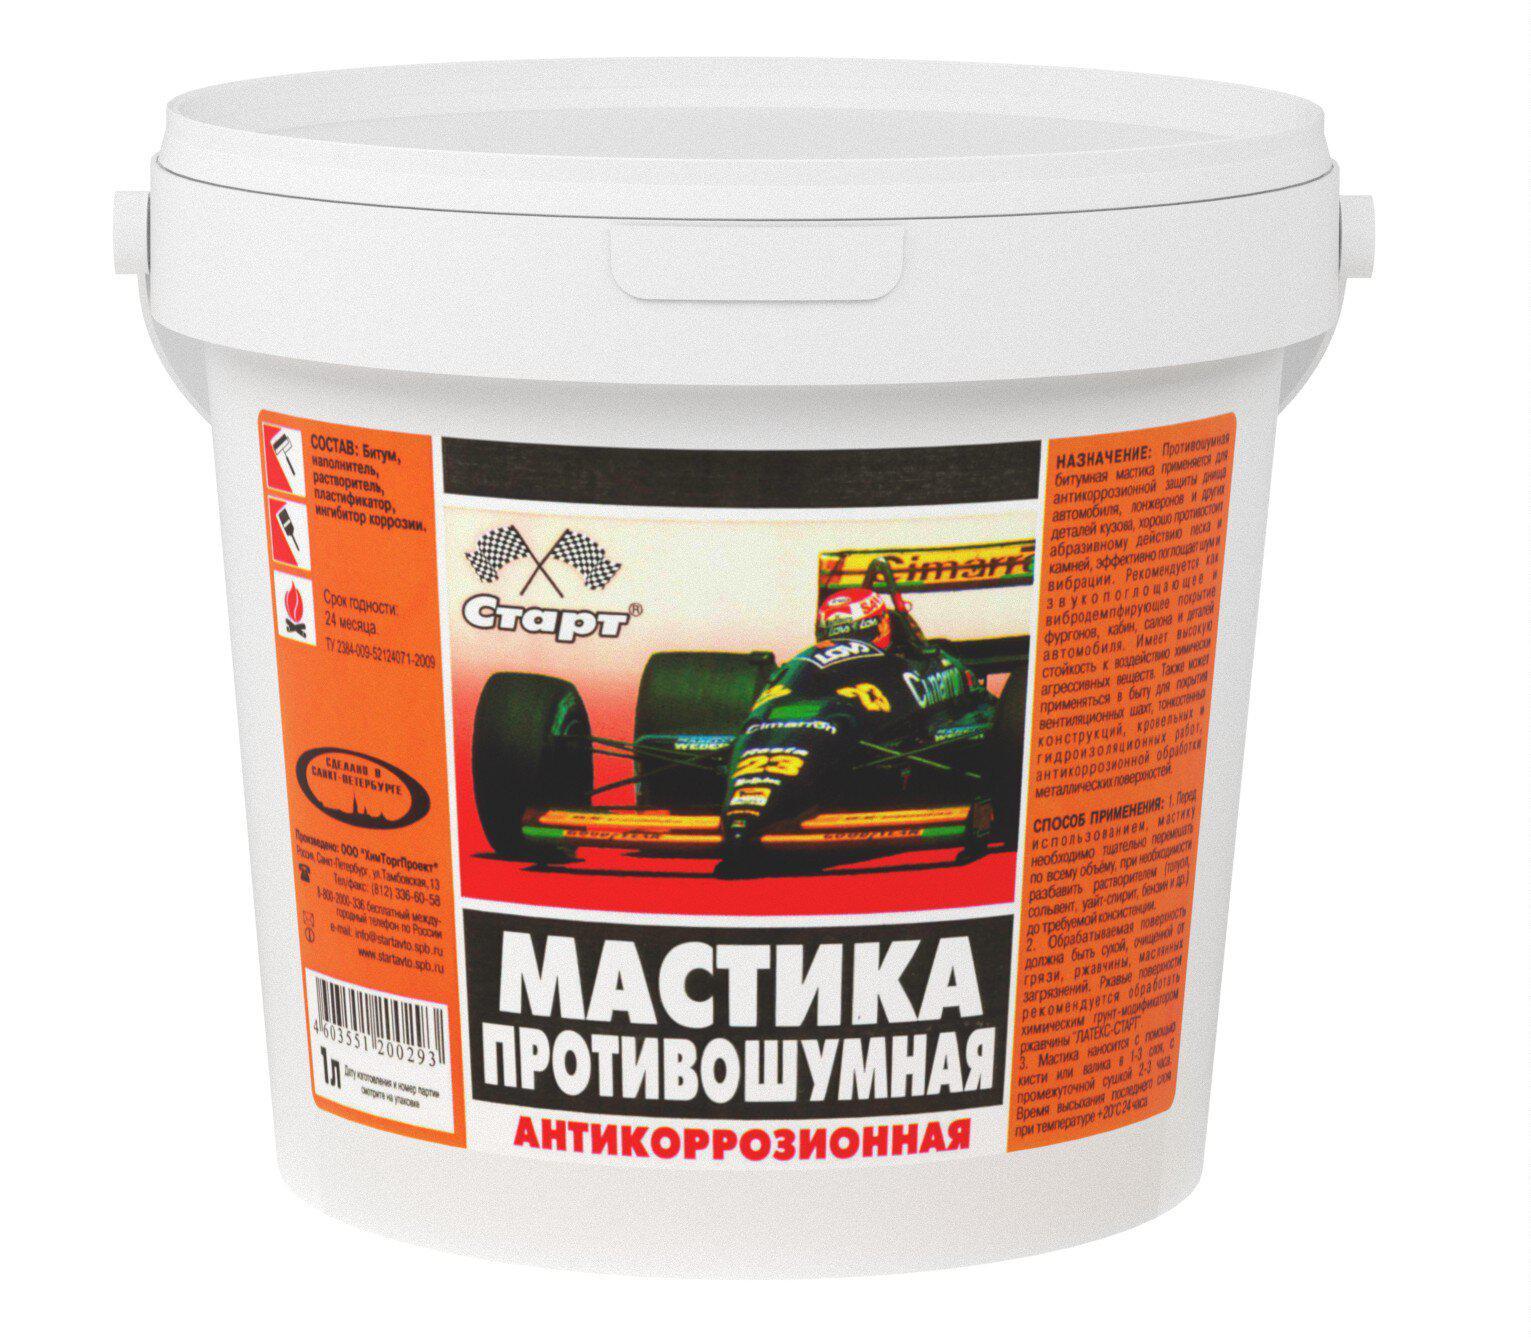 Мастика СТАРТ 2063 кондитерская мастика купить в днепропетровске